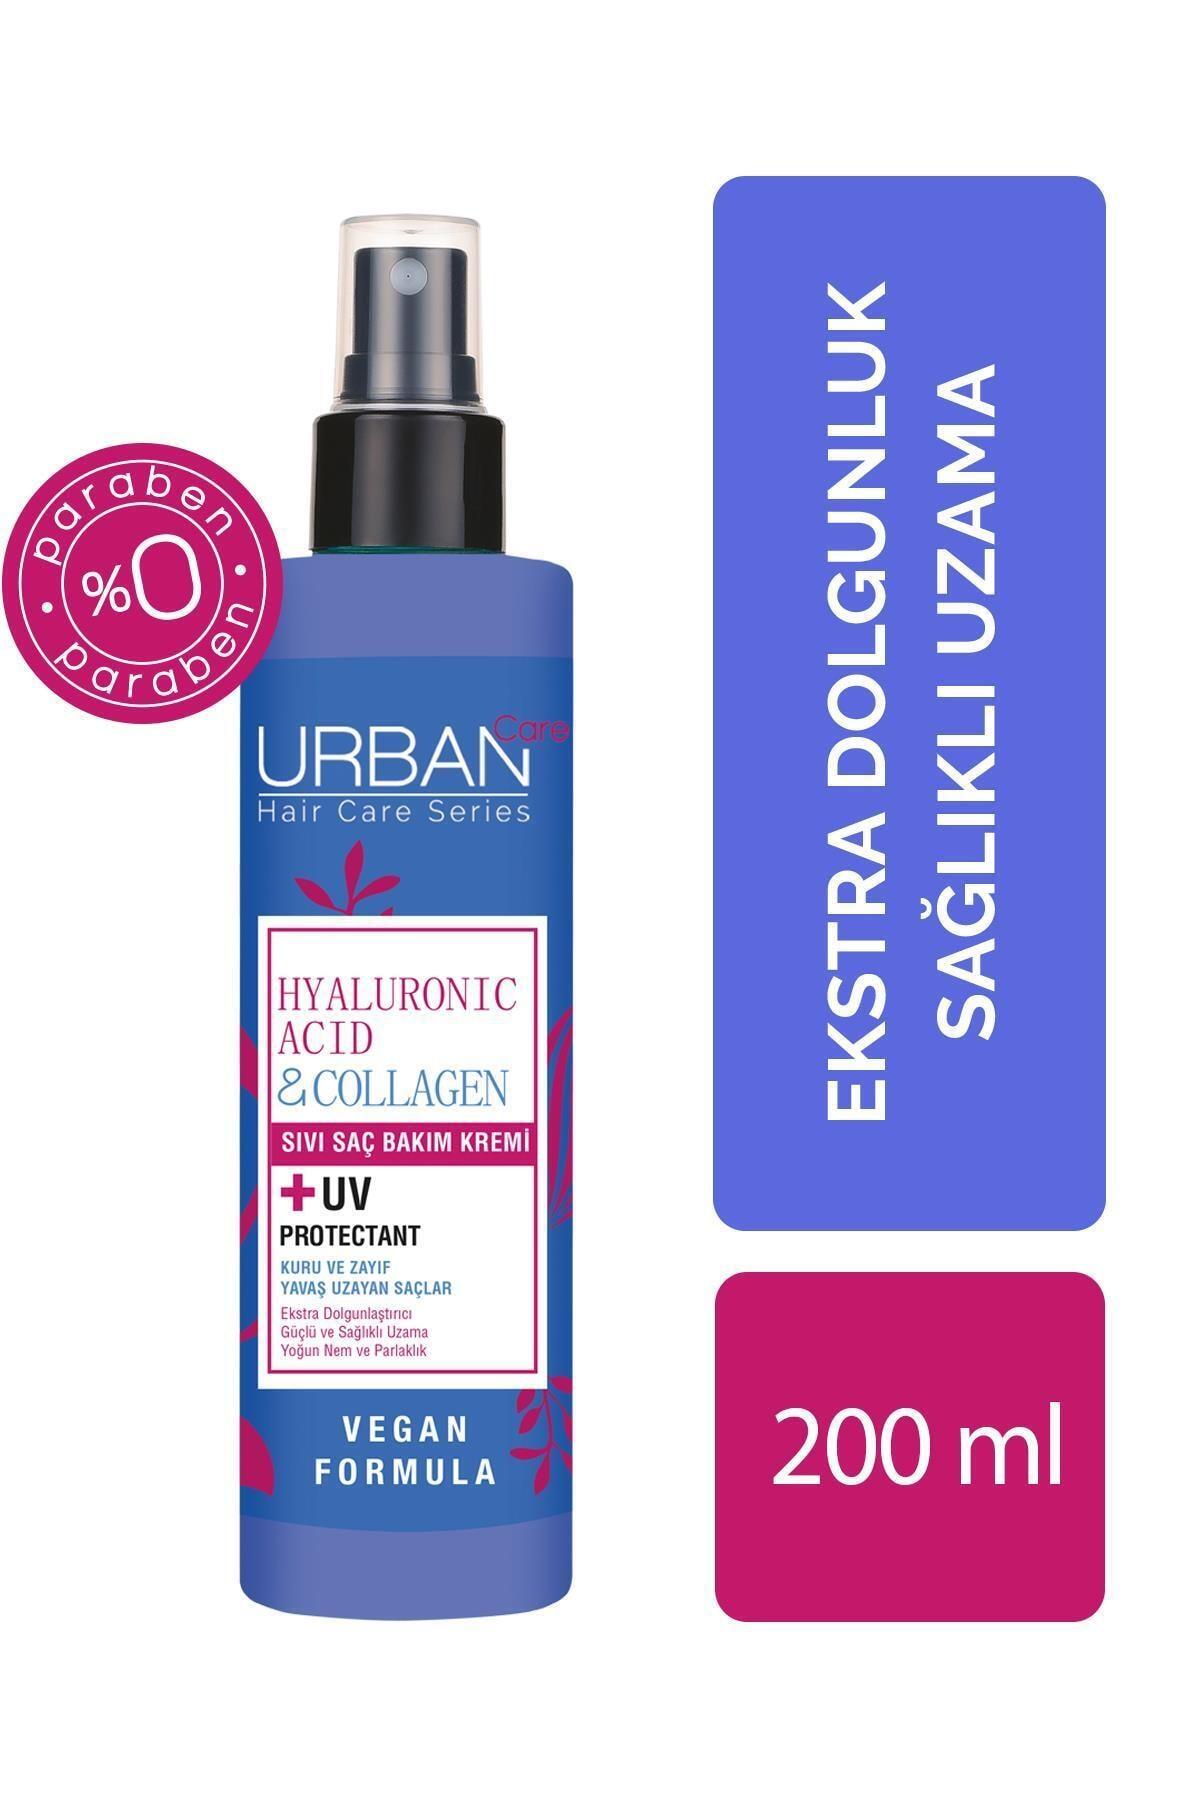 Hyaluronic Acid & Collagen Sıvı Saç Bakım Kremi / Hyalüronik Asit Hyalüronik Asit